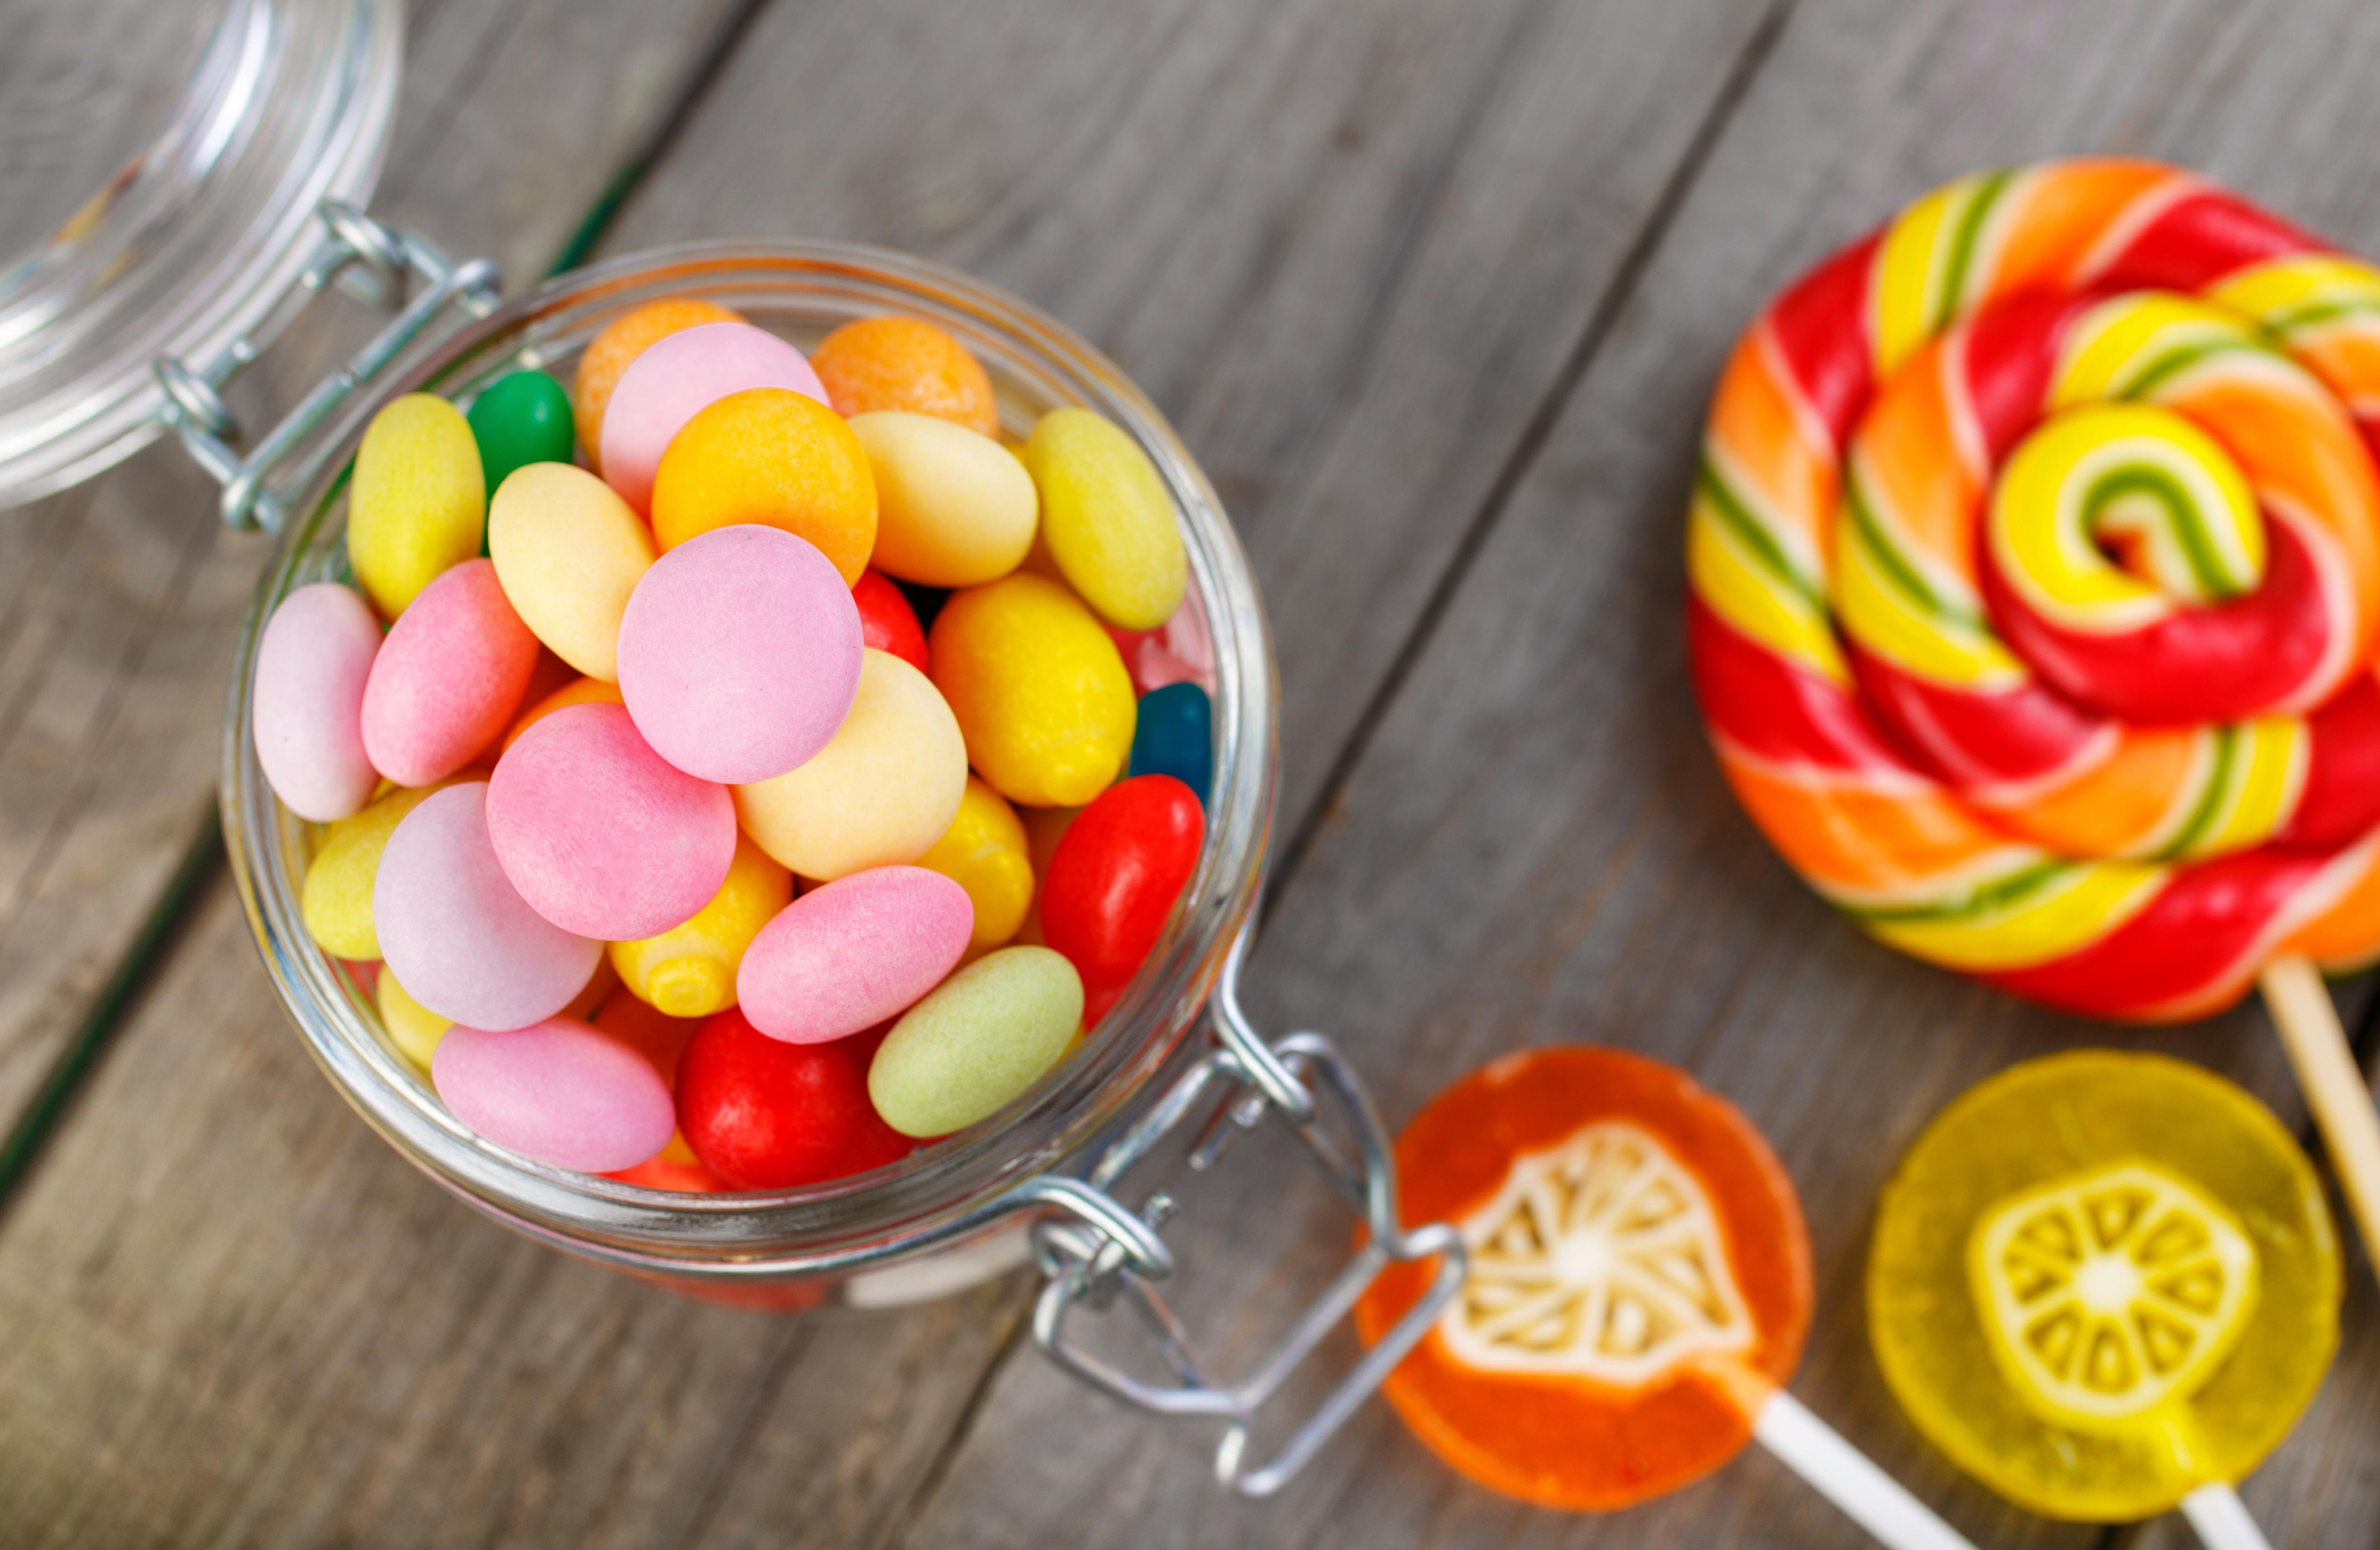 картинки конфет леденец продукты